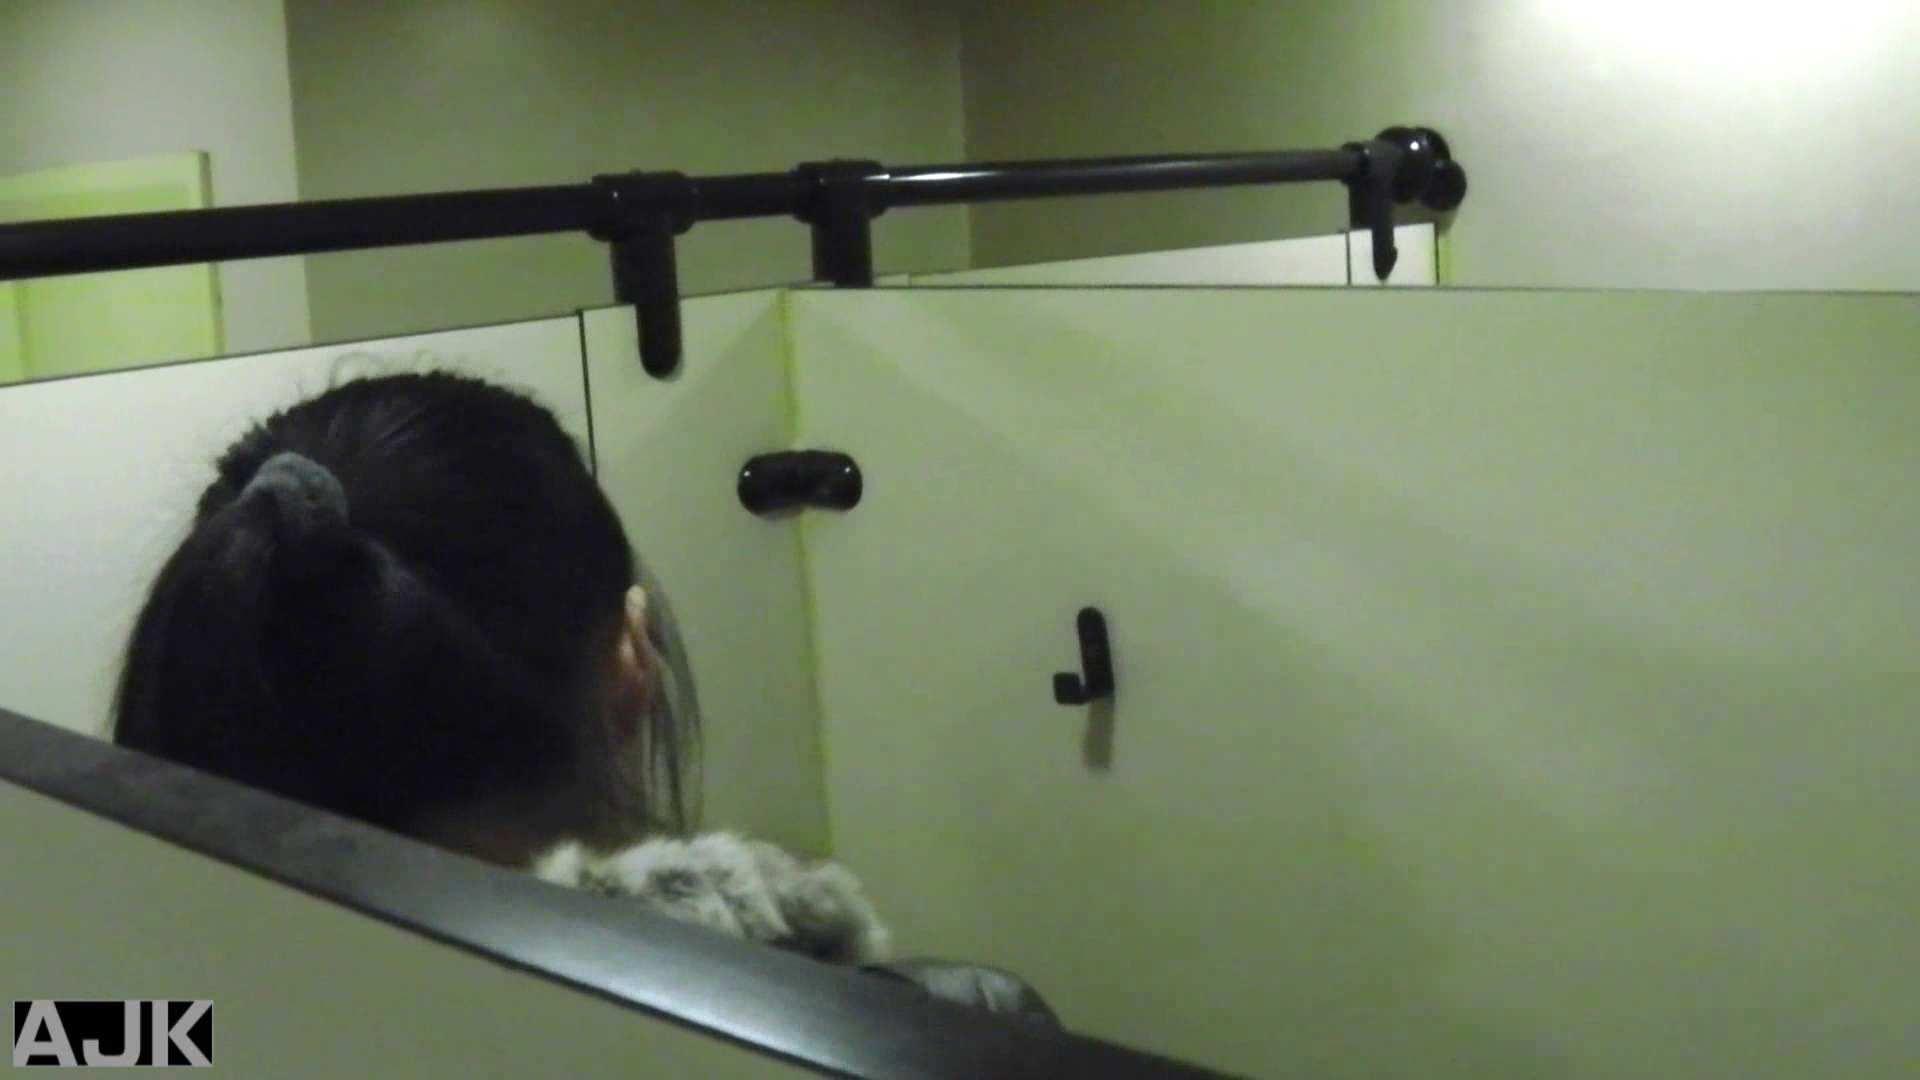 隣国上階級エリアの令嬢たちが集うデパートお手洗い Vol.19 OL   お手洗い  73連発 9